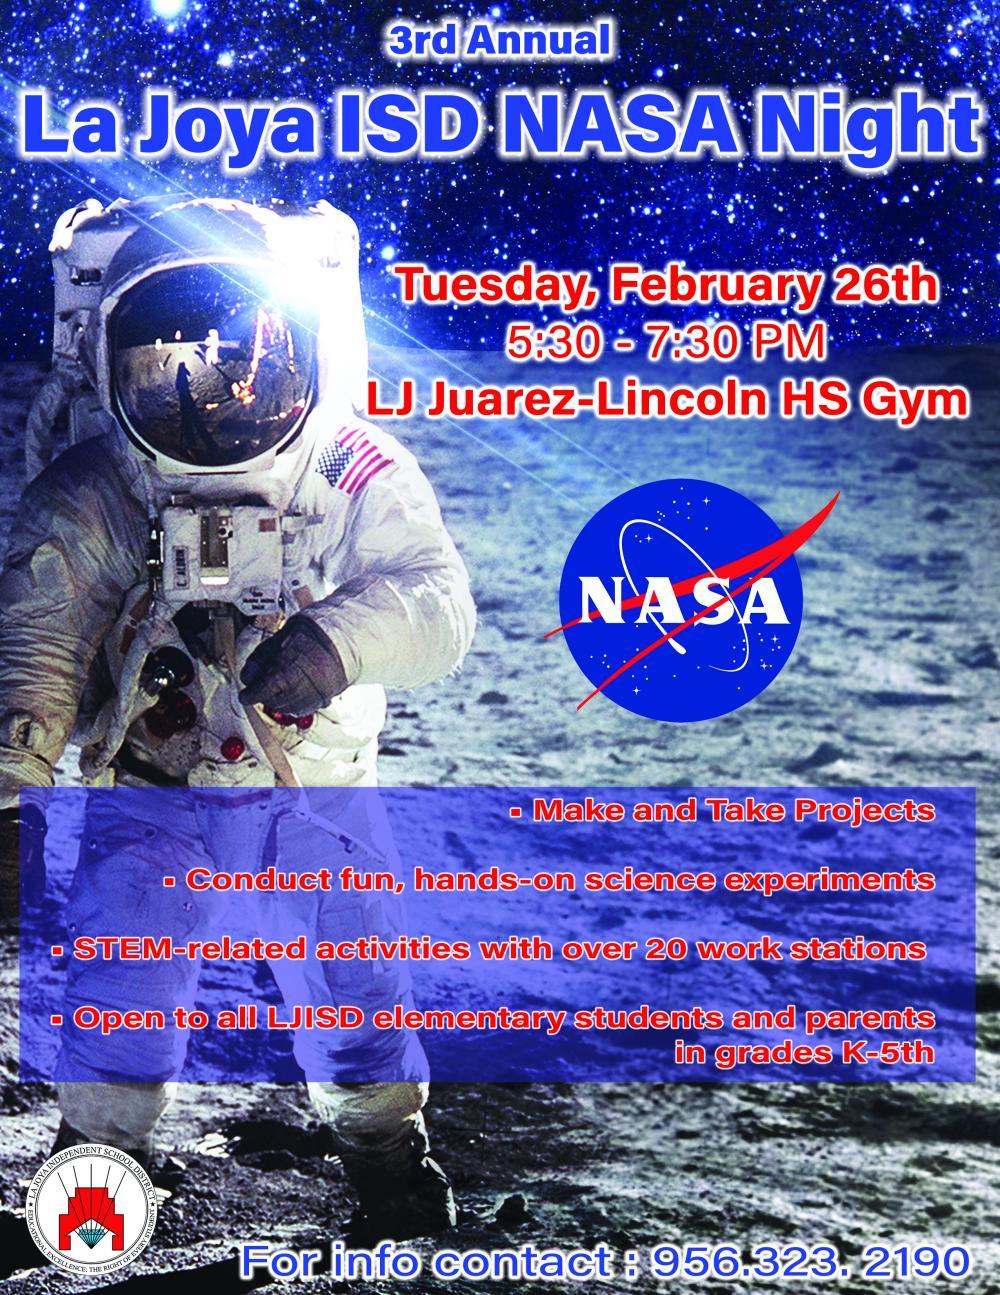 NASA NIGHT